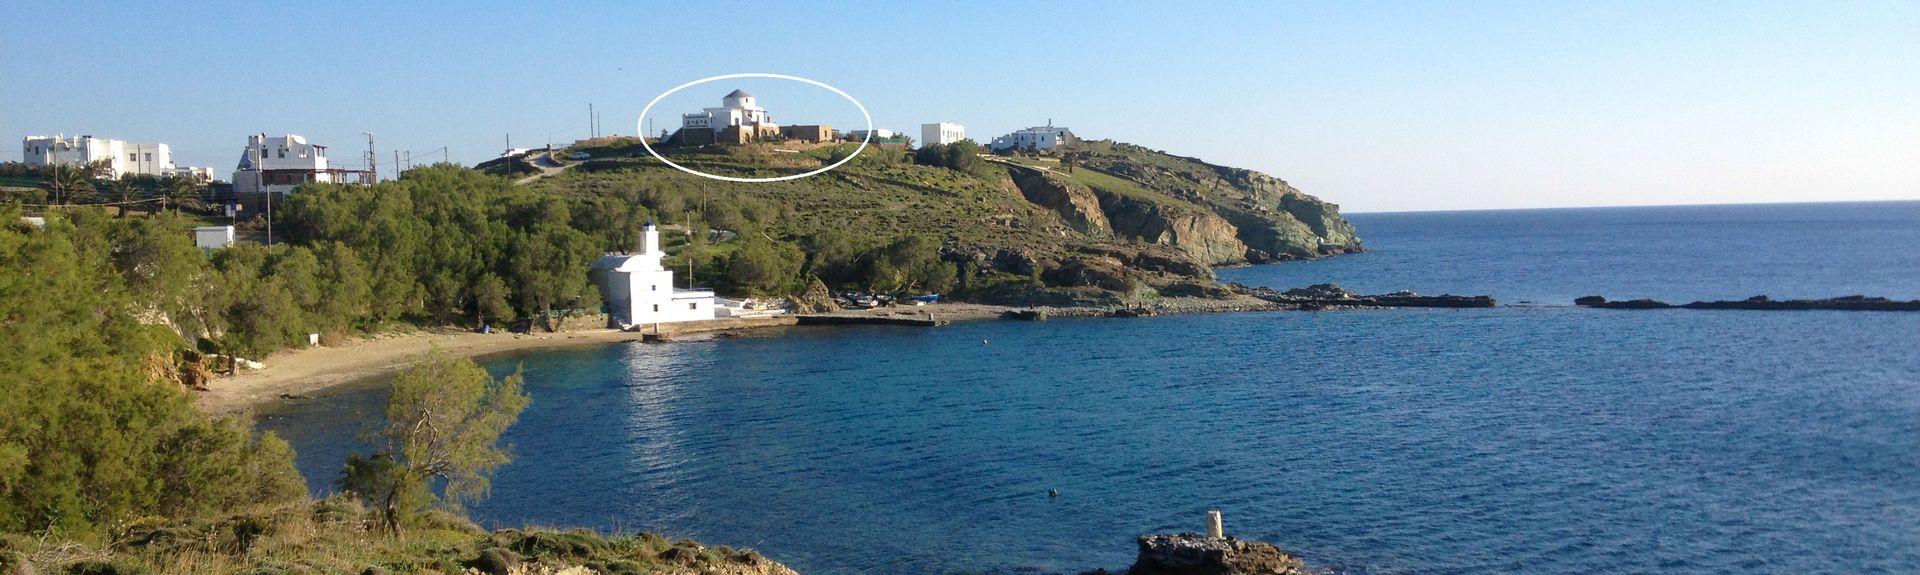 Strand von Elia, Elia, Ägäische Inseln, Griechenland